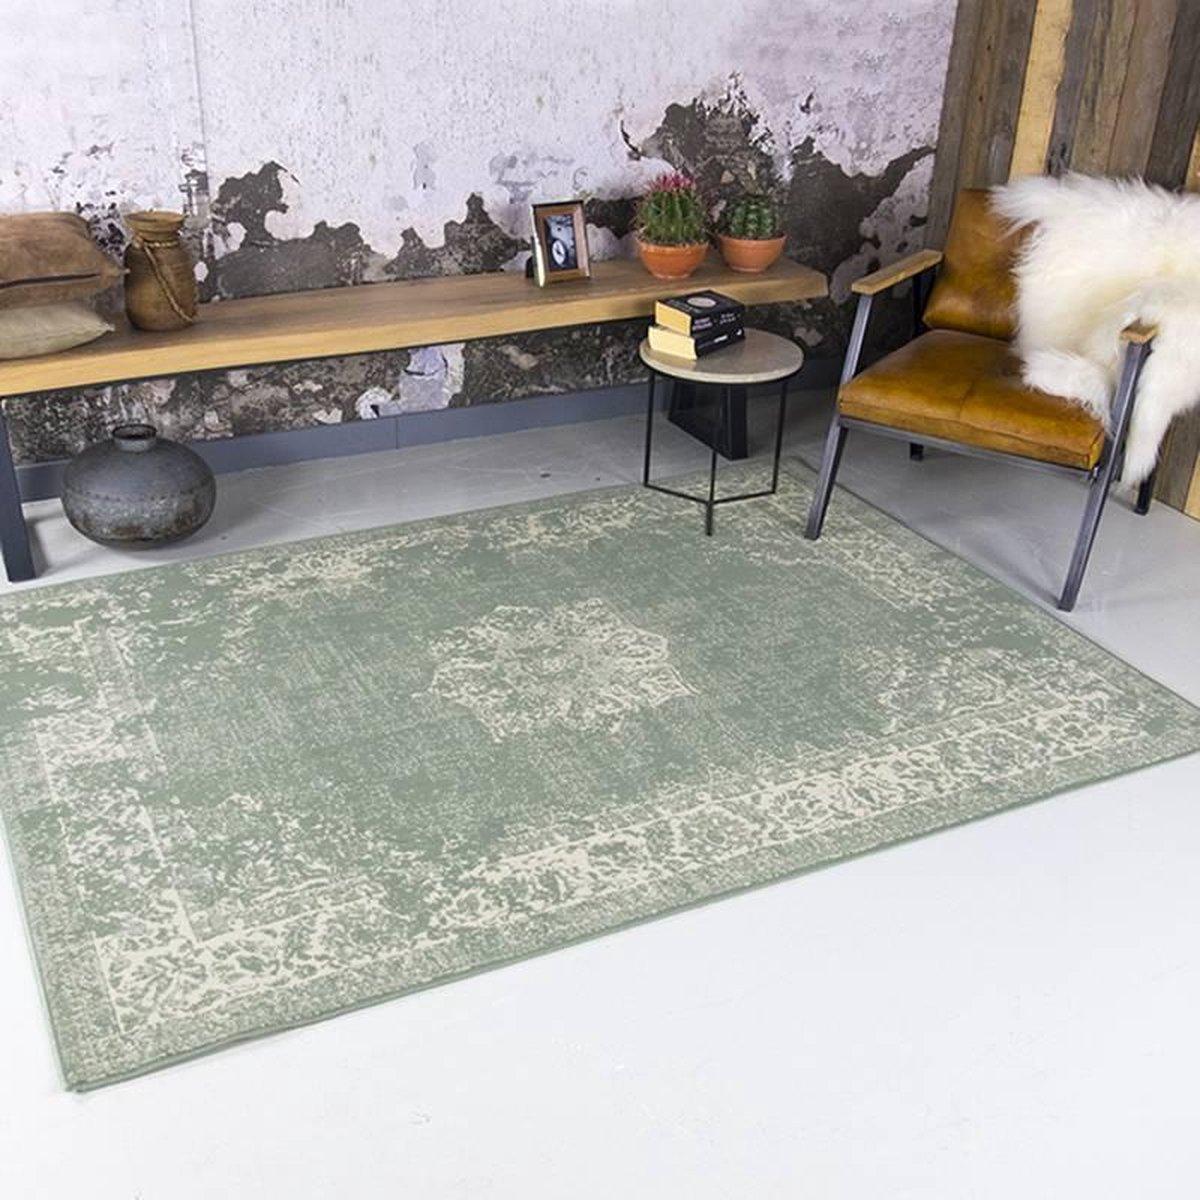 Vintage vloerkleed - Wonder groen 185 x 275cm - Fraai